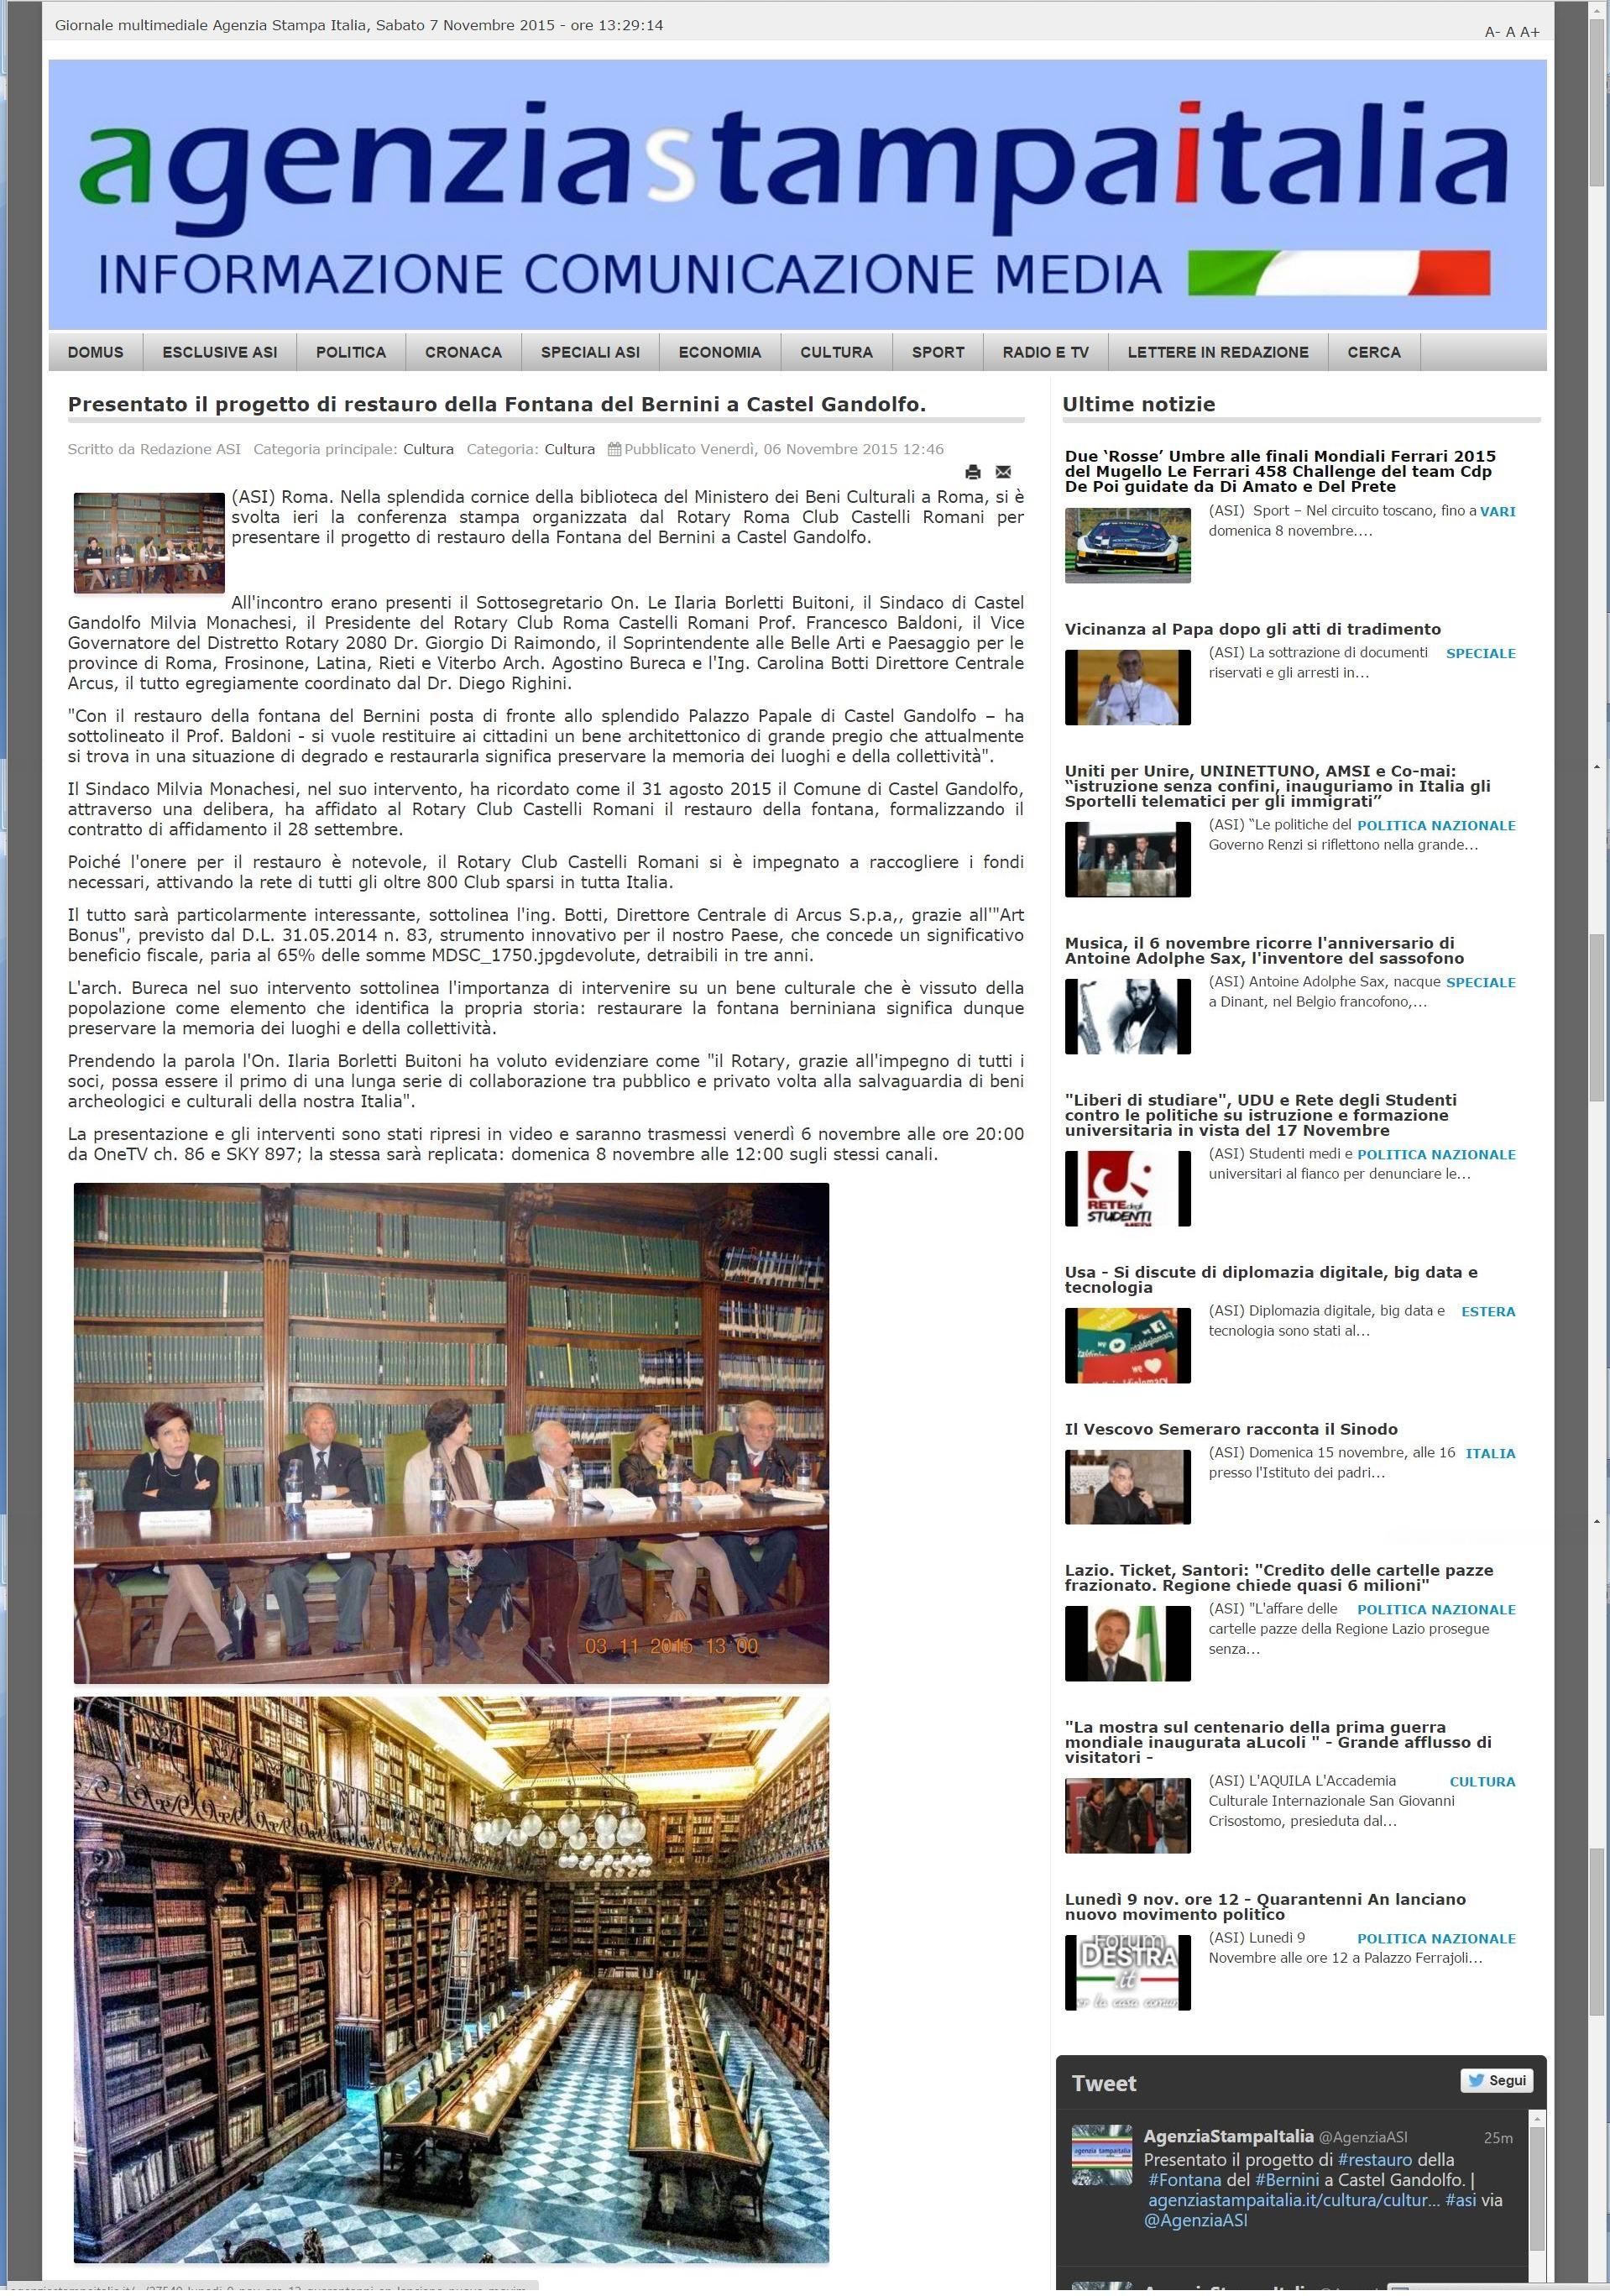 Agenzia Stampa Italia - Copia